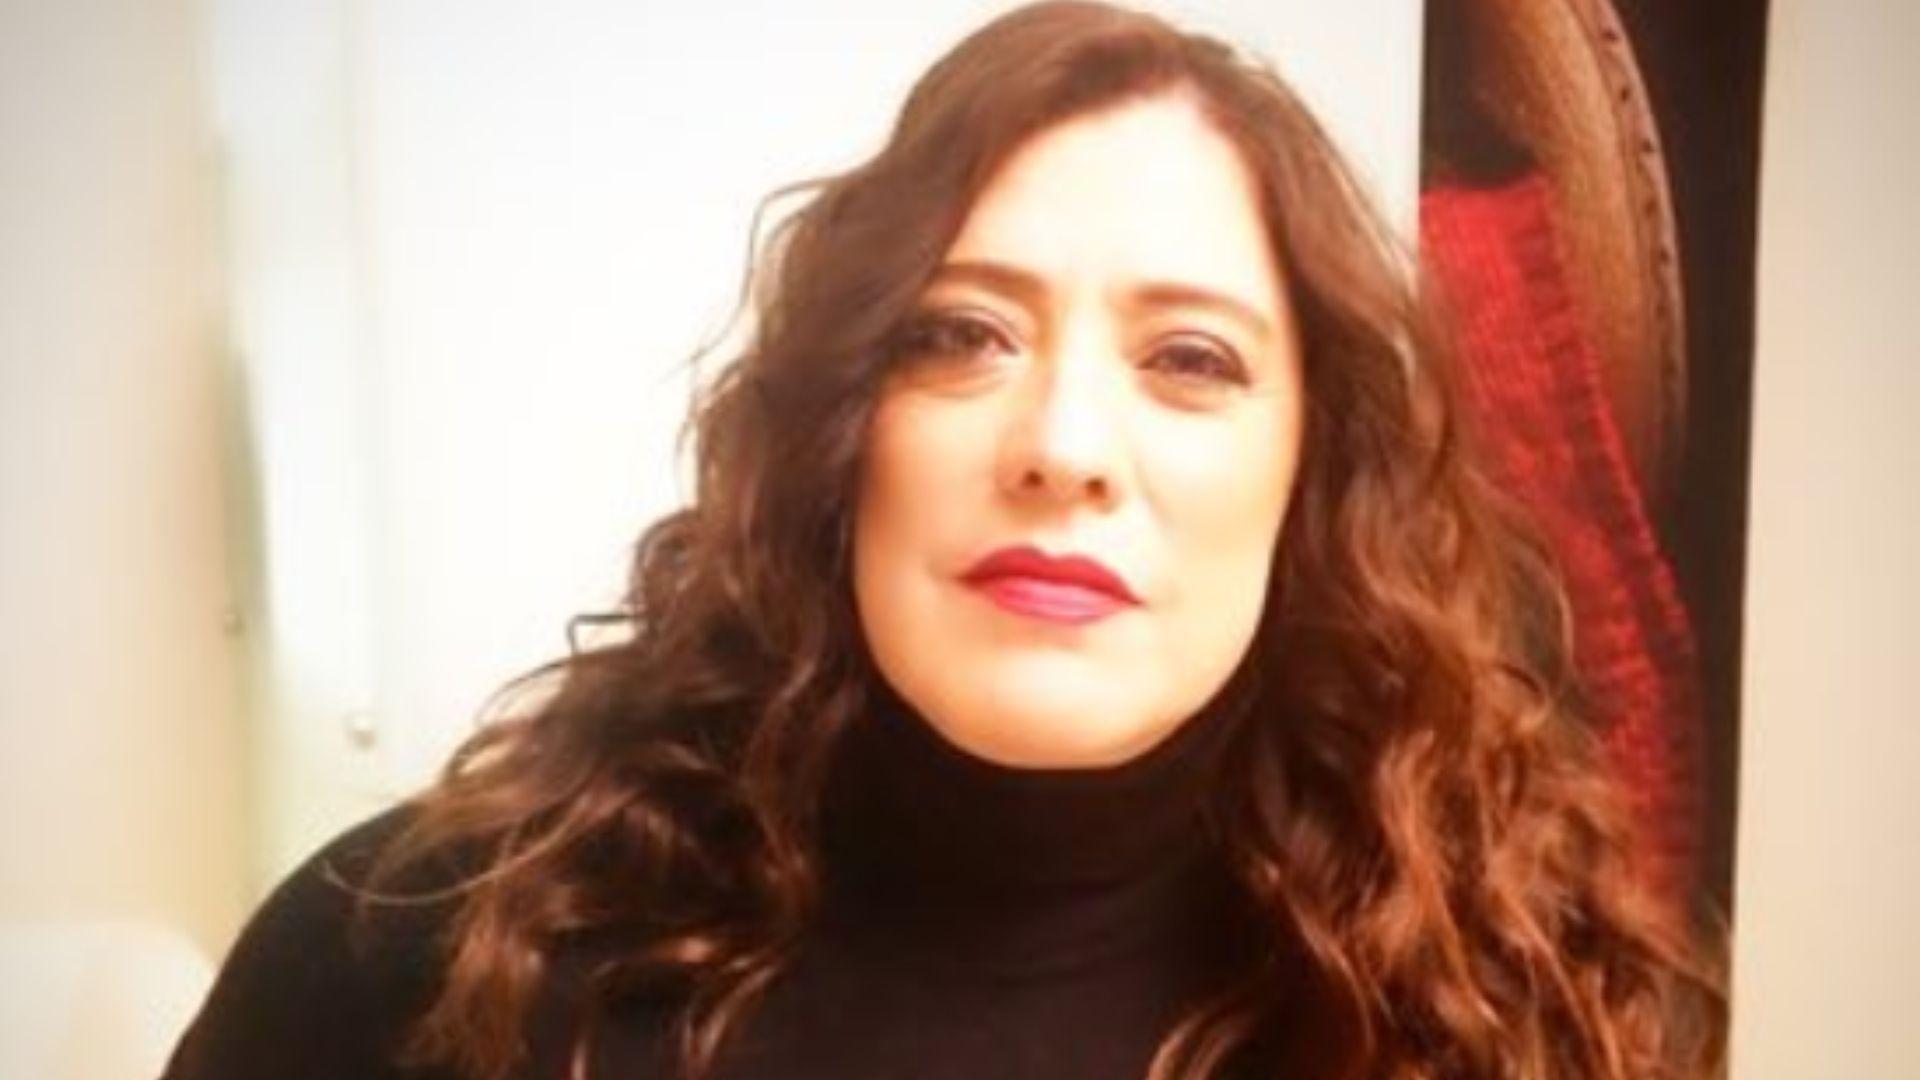 Pilar Sicilia fundó la revista Algarabía en 2001, es lingüista y conferencista sobre diversos temas (Foto: Twitter)